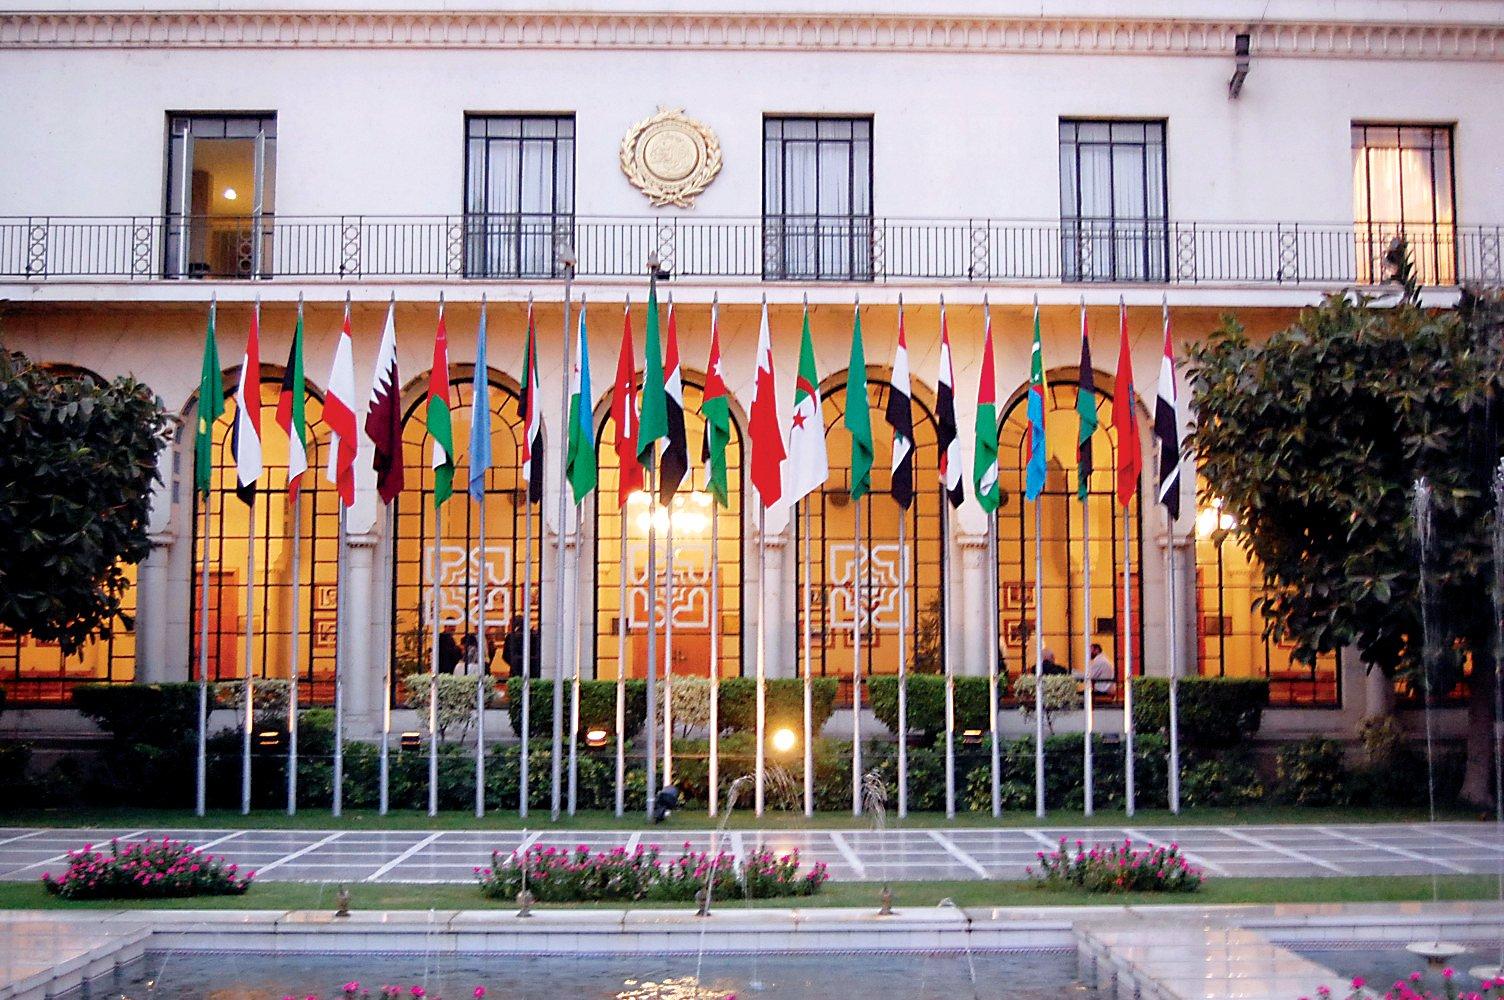 الجامعة العربية: اجتماع تحضيري للقمة العربية الأفريقية الخامسة المقررة بالسعودية